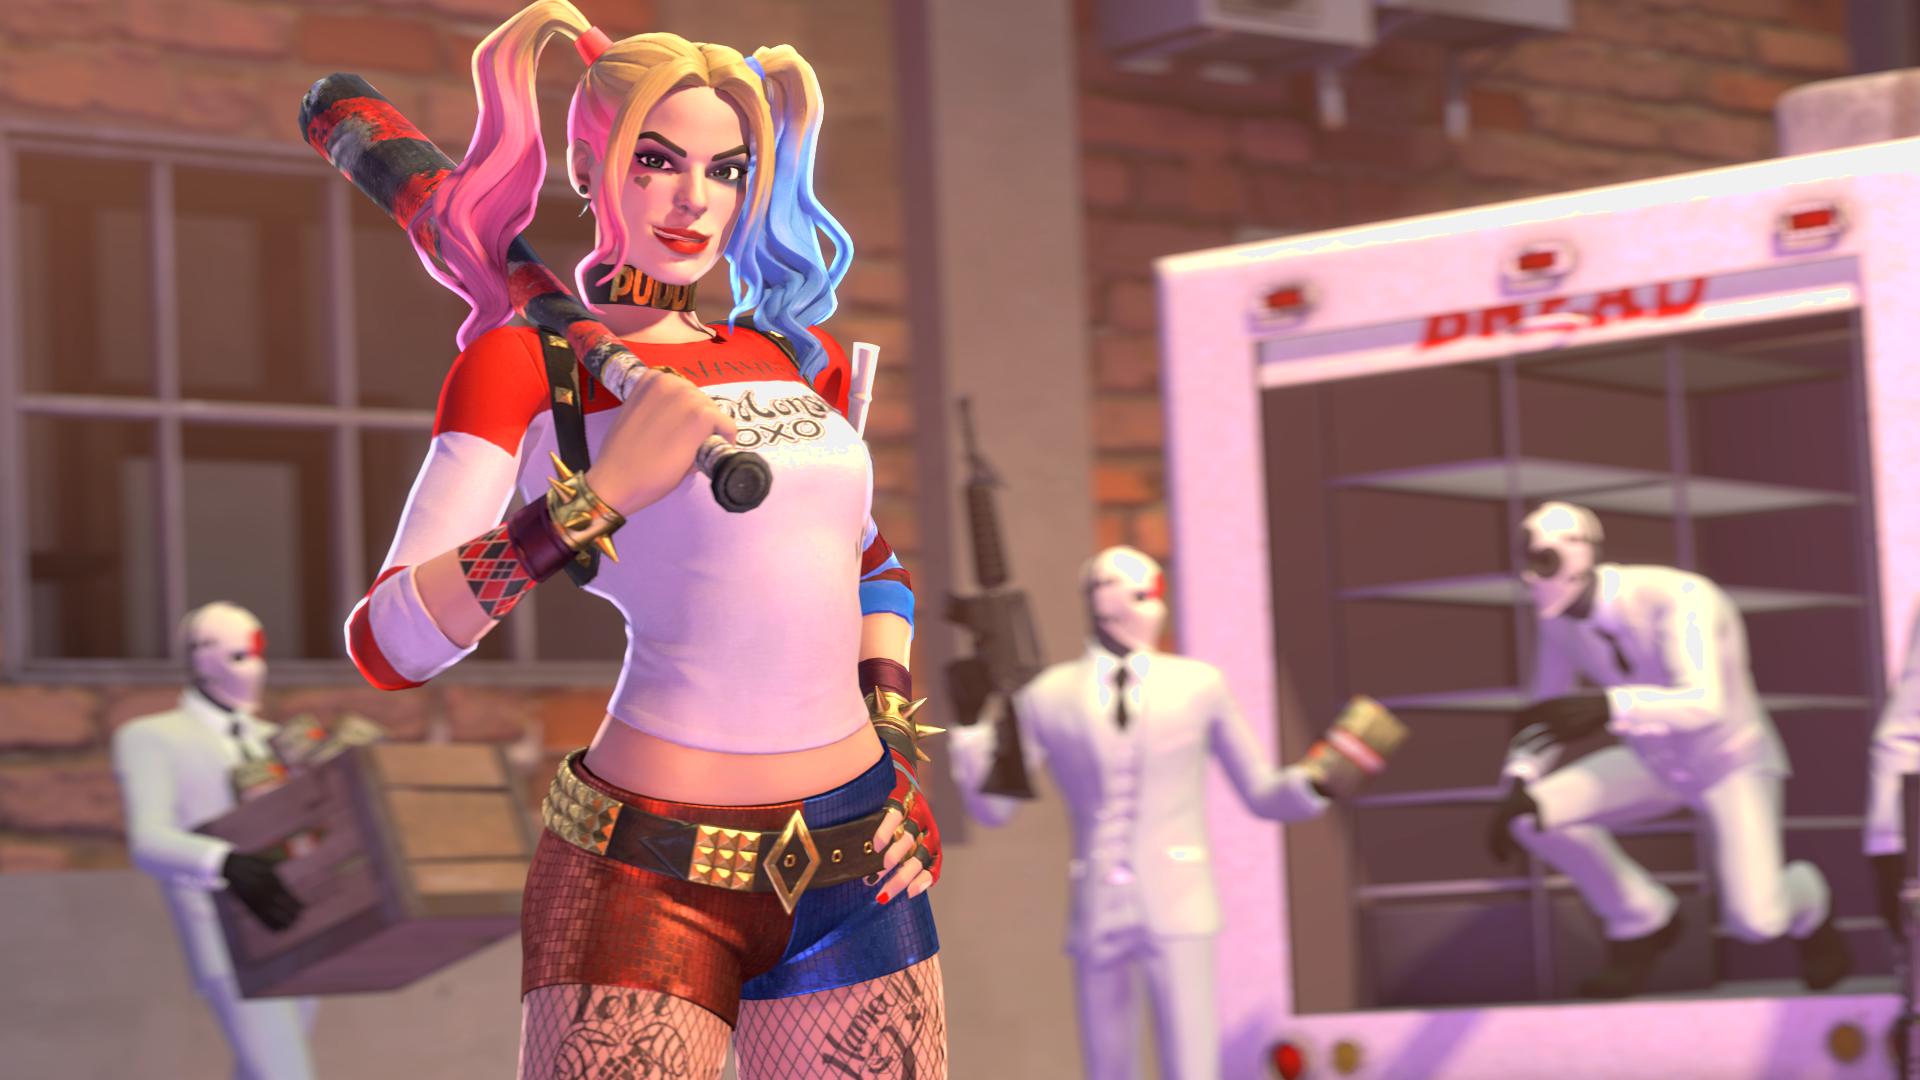 Fortnite Harley Quinn By Steakpunk On Deviantart